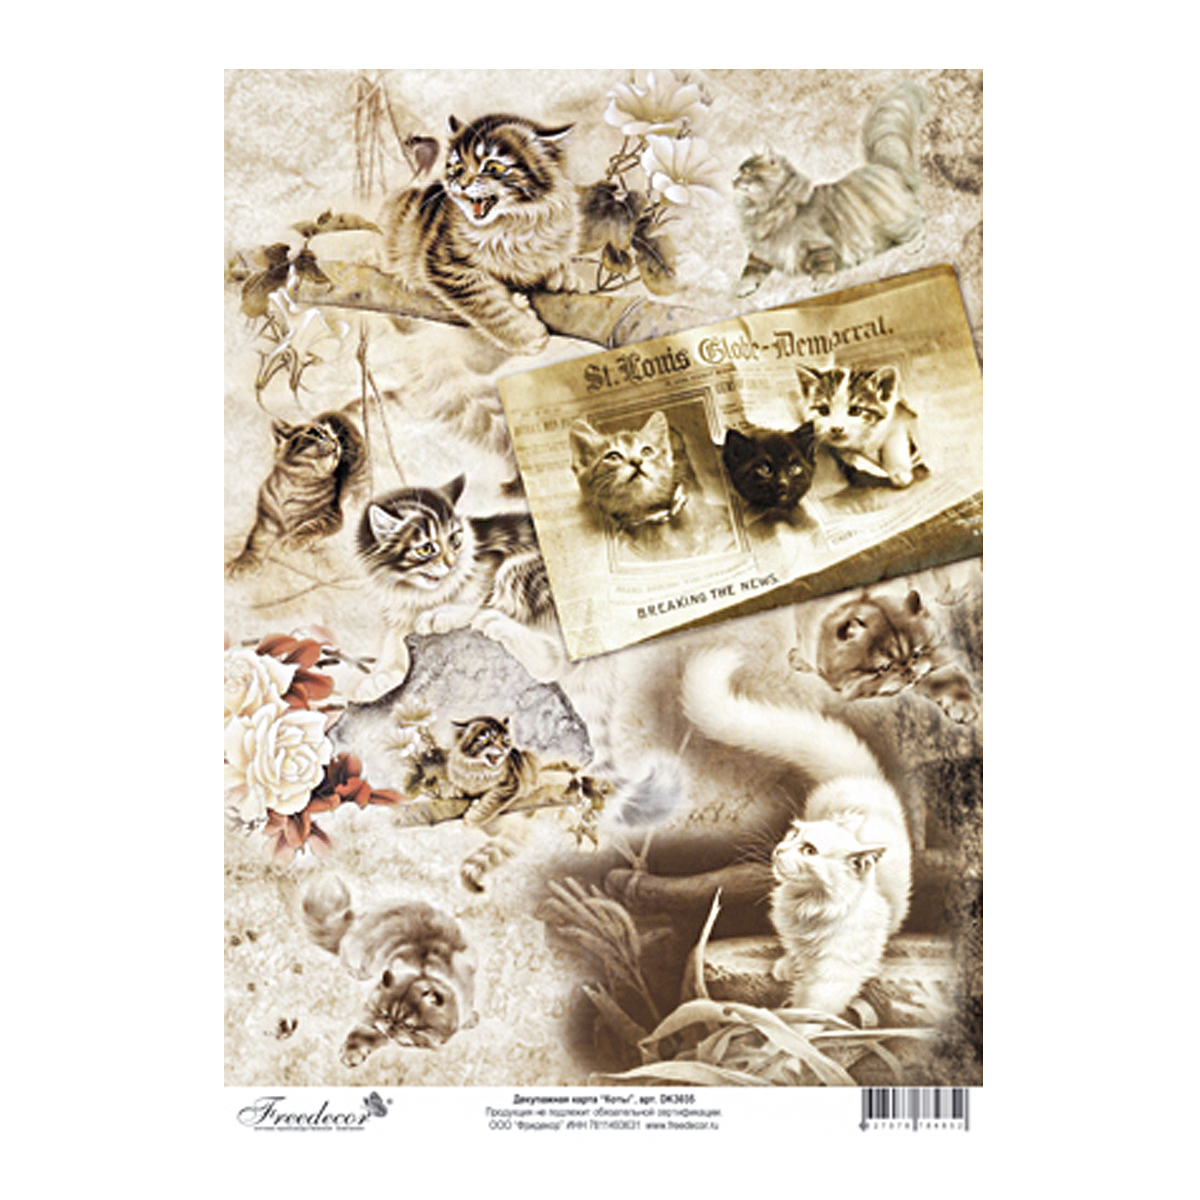 Декупажная карта Freedecor Коты, А4, 70 гр./м.кв. Dk 3035685686_3035котыДекупажная карта - оригинальная специальная бумага с нанесенным рисунком для использования в технике декупажа. Интересные мотивы, изображенные на бумаге, сделают процесс рукоделия занятным.